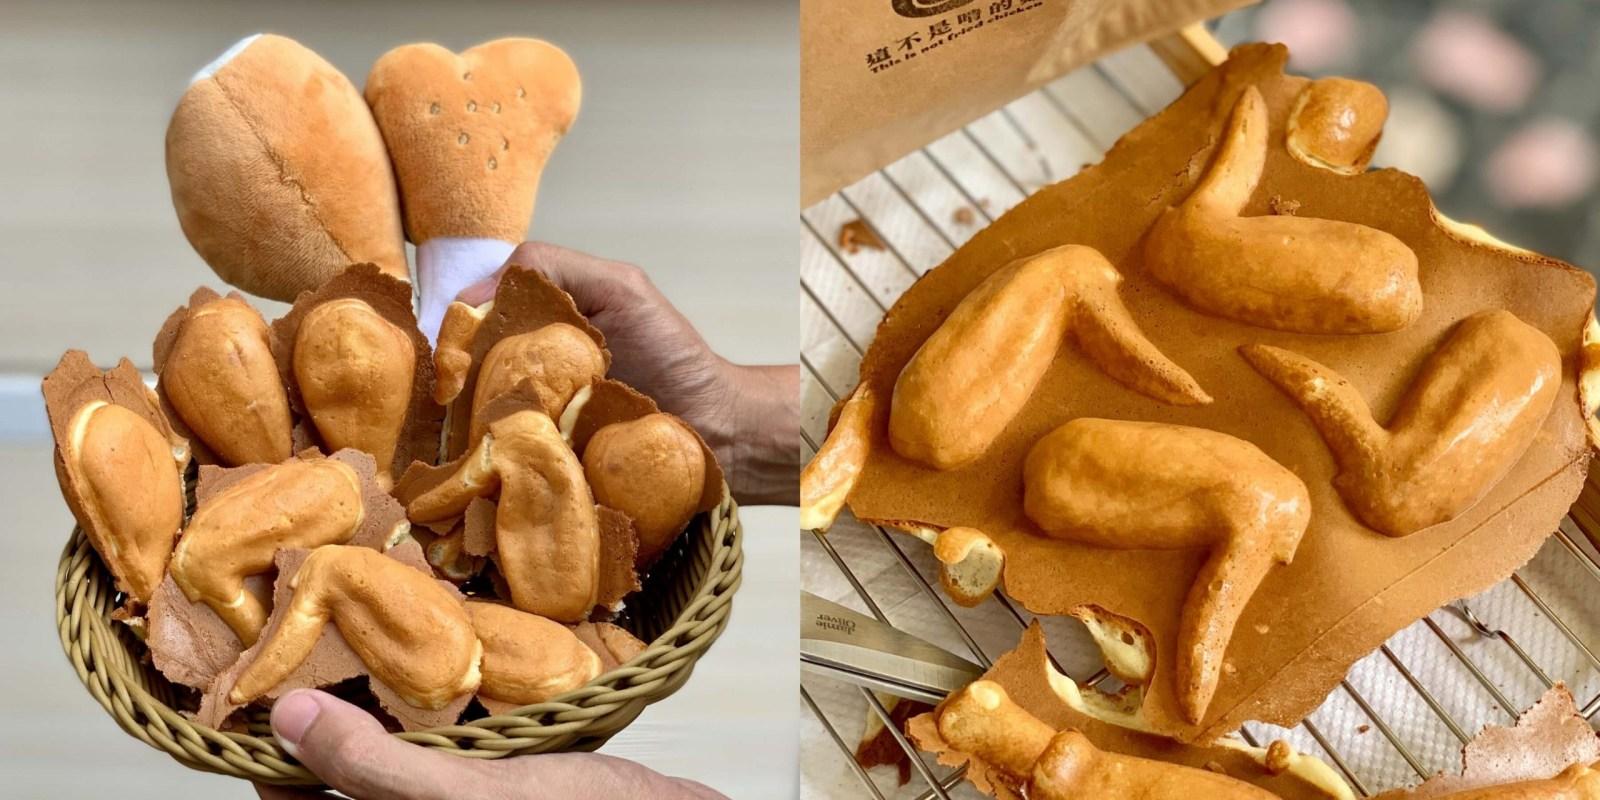 【台南美食】這不是啃的雞 炸雞也能變身成雞蛋糕,不只可愛也多了些趣味!